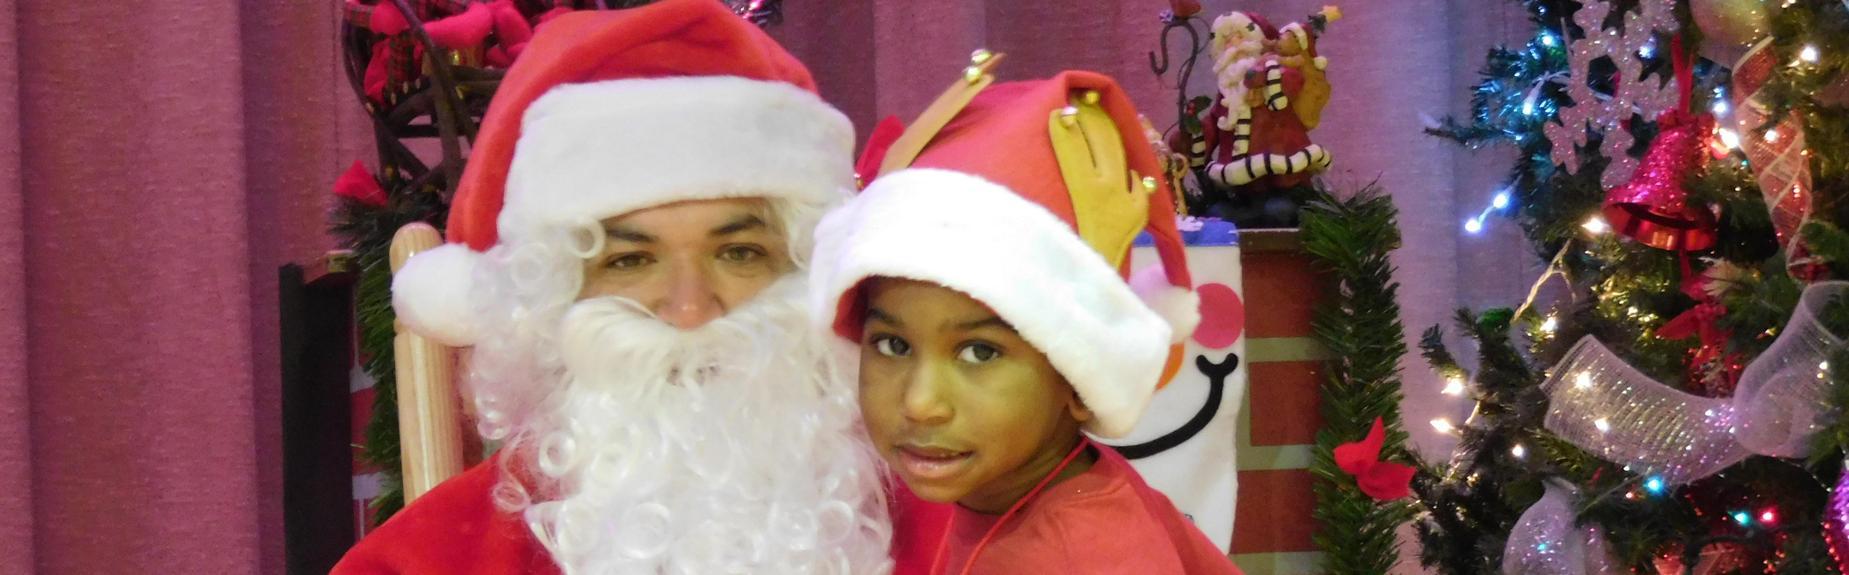 Santa visits North ELC